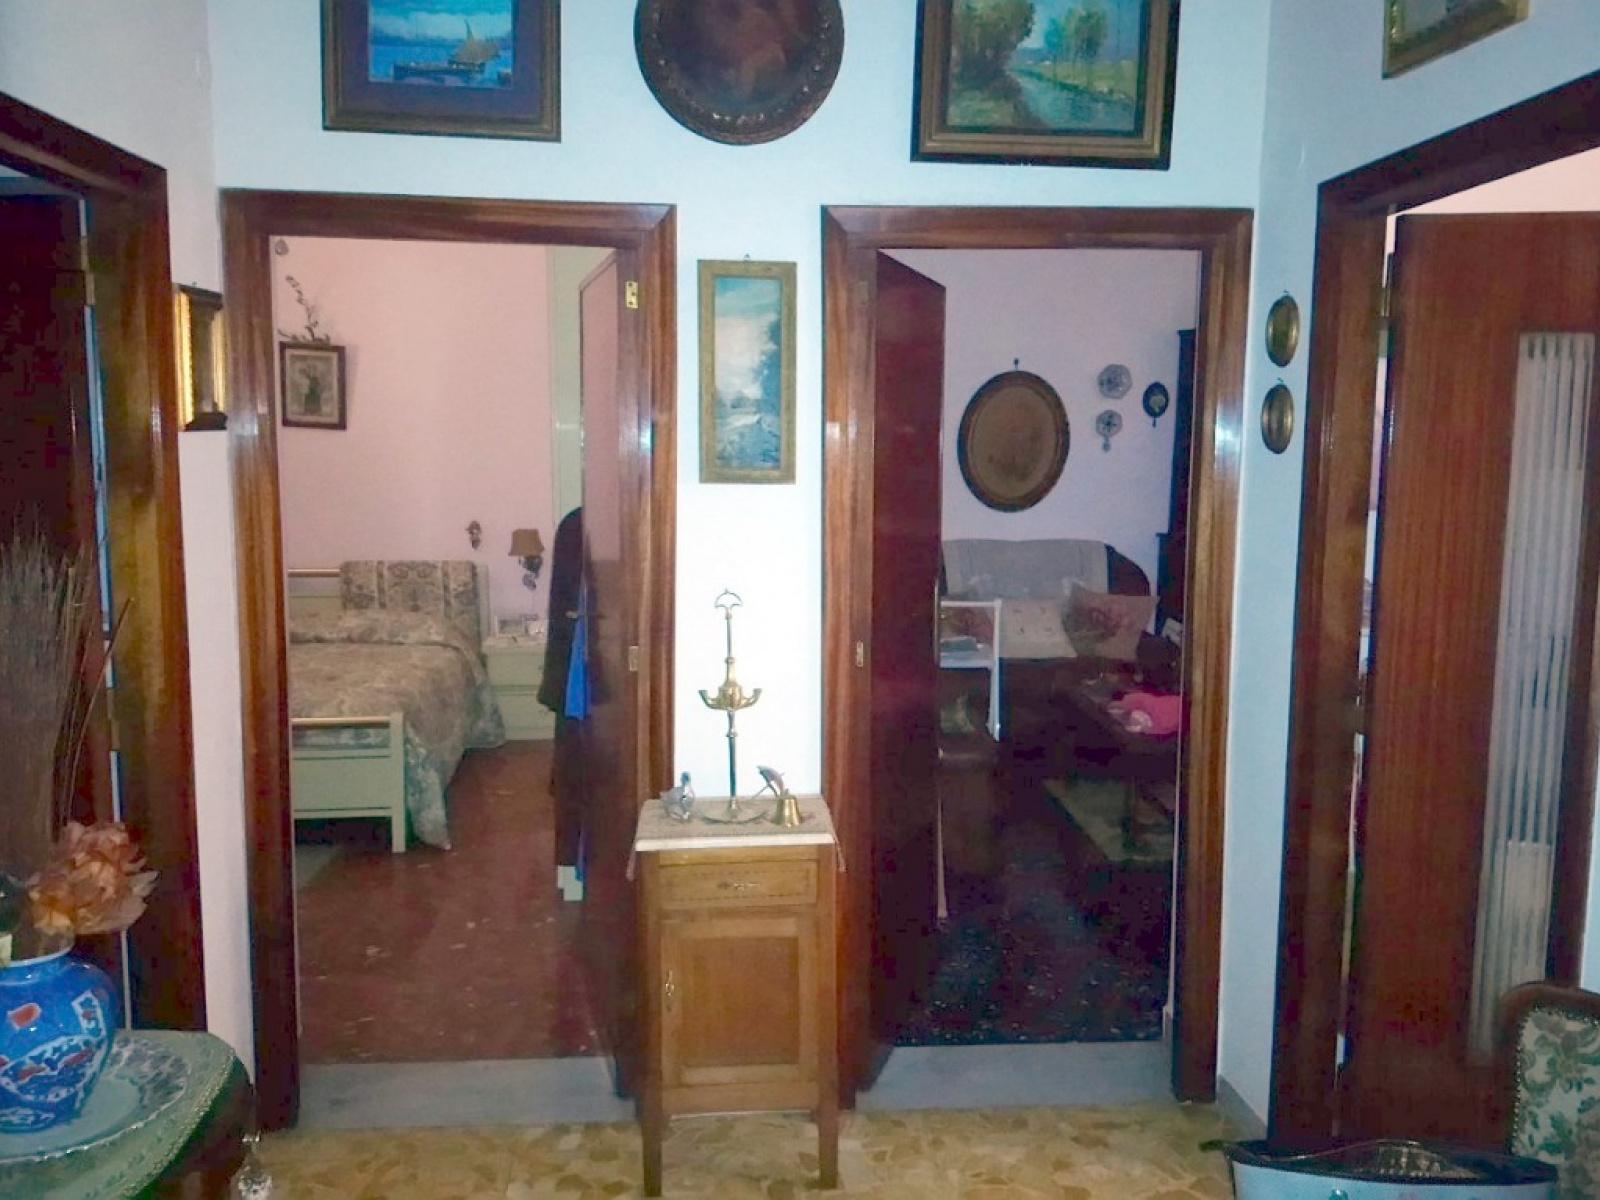 Trilocale in vendita via sebastiano veniero zona prati for Affittasi ufficio zona prati roma